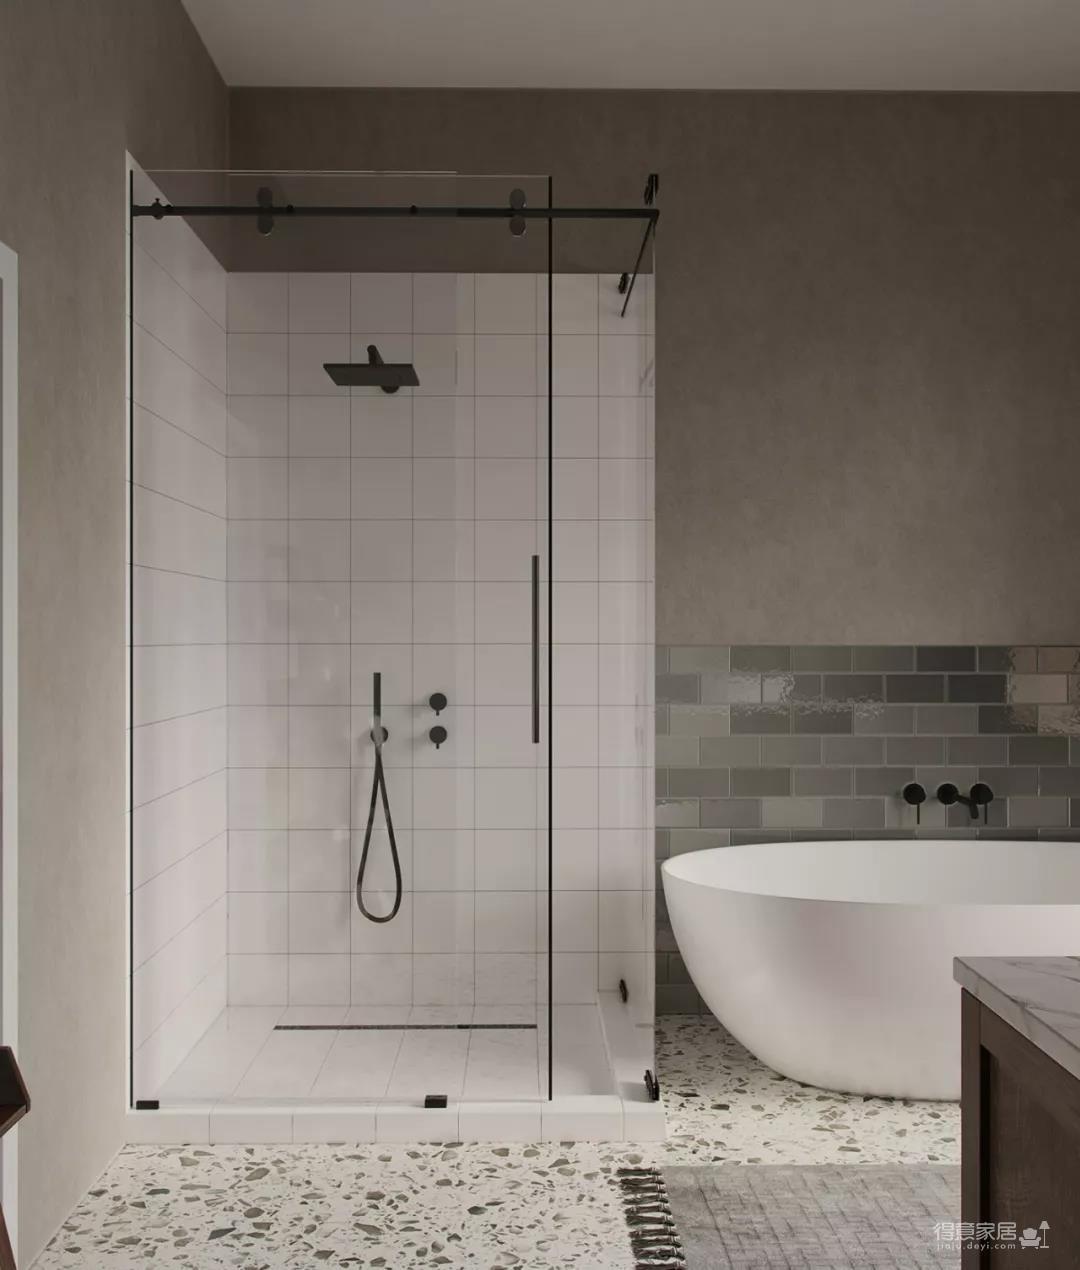 一室一厅的简约设计小宅,合理利用空间,小家瞬间大两倍!图_14